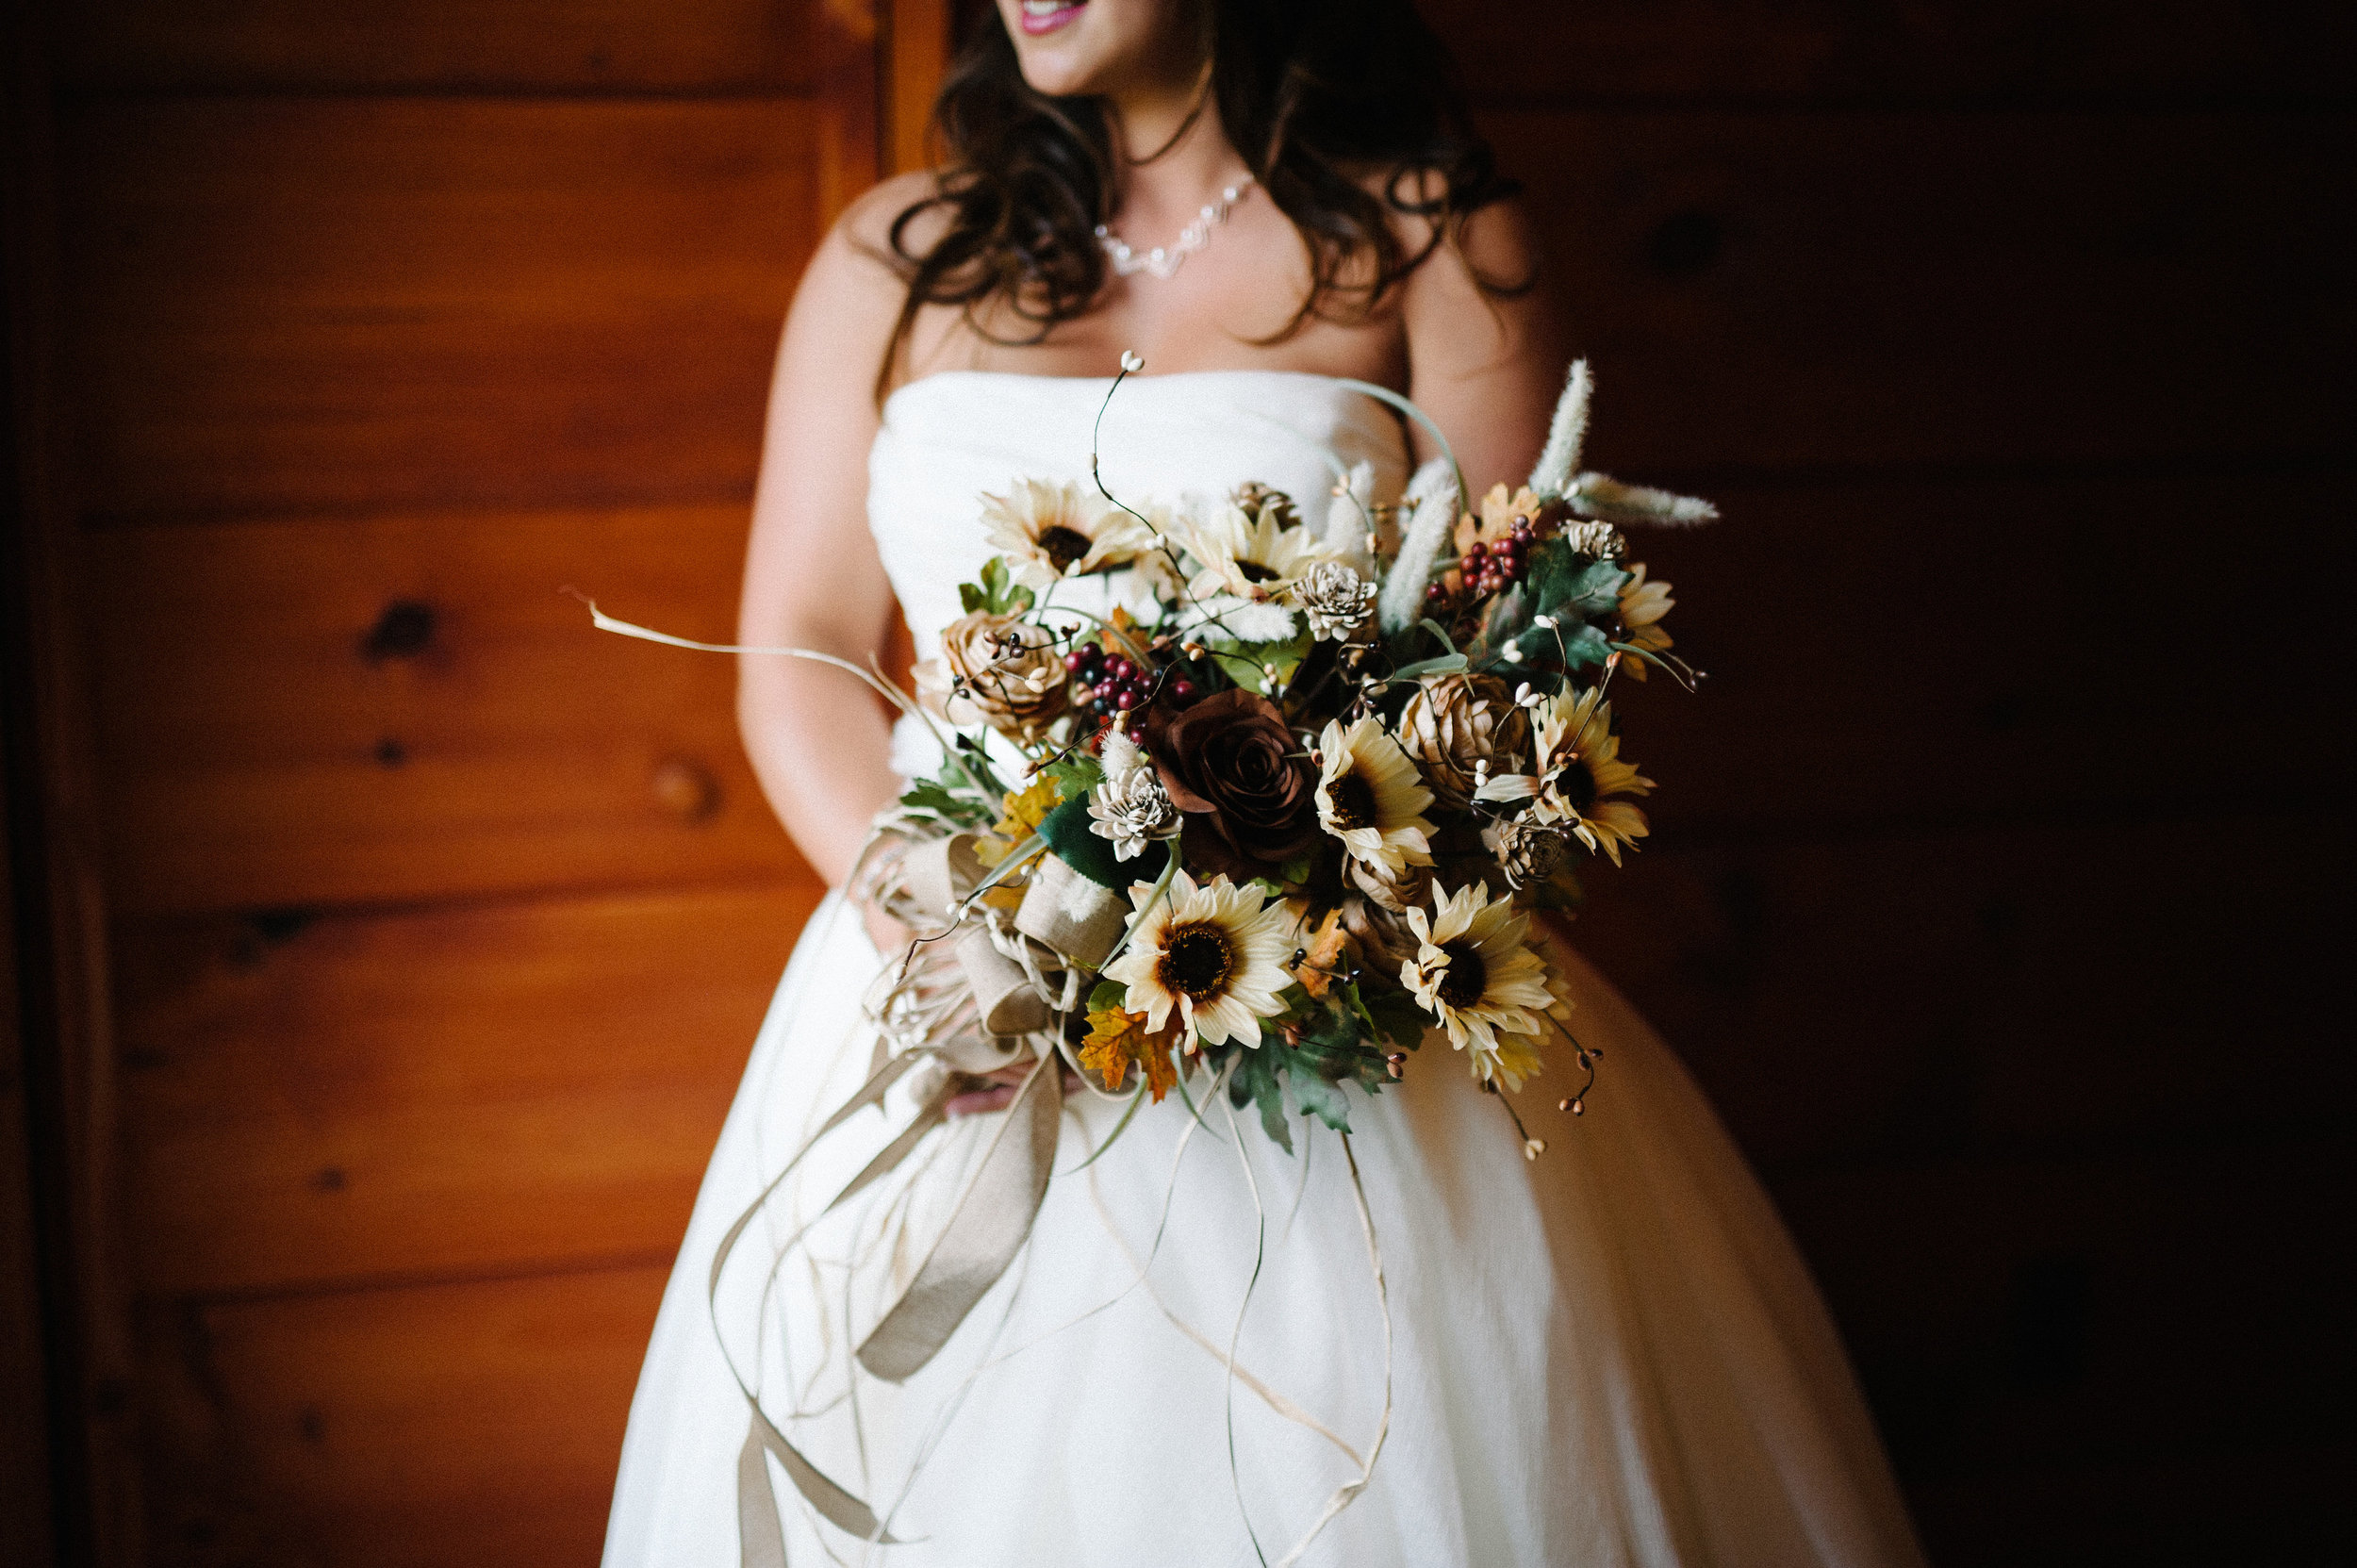 bride-bouquet-wedding.jpg